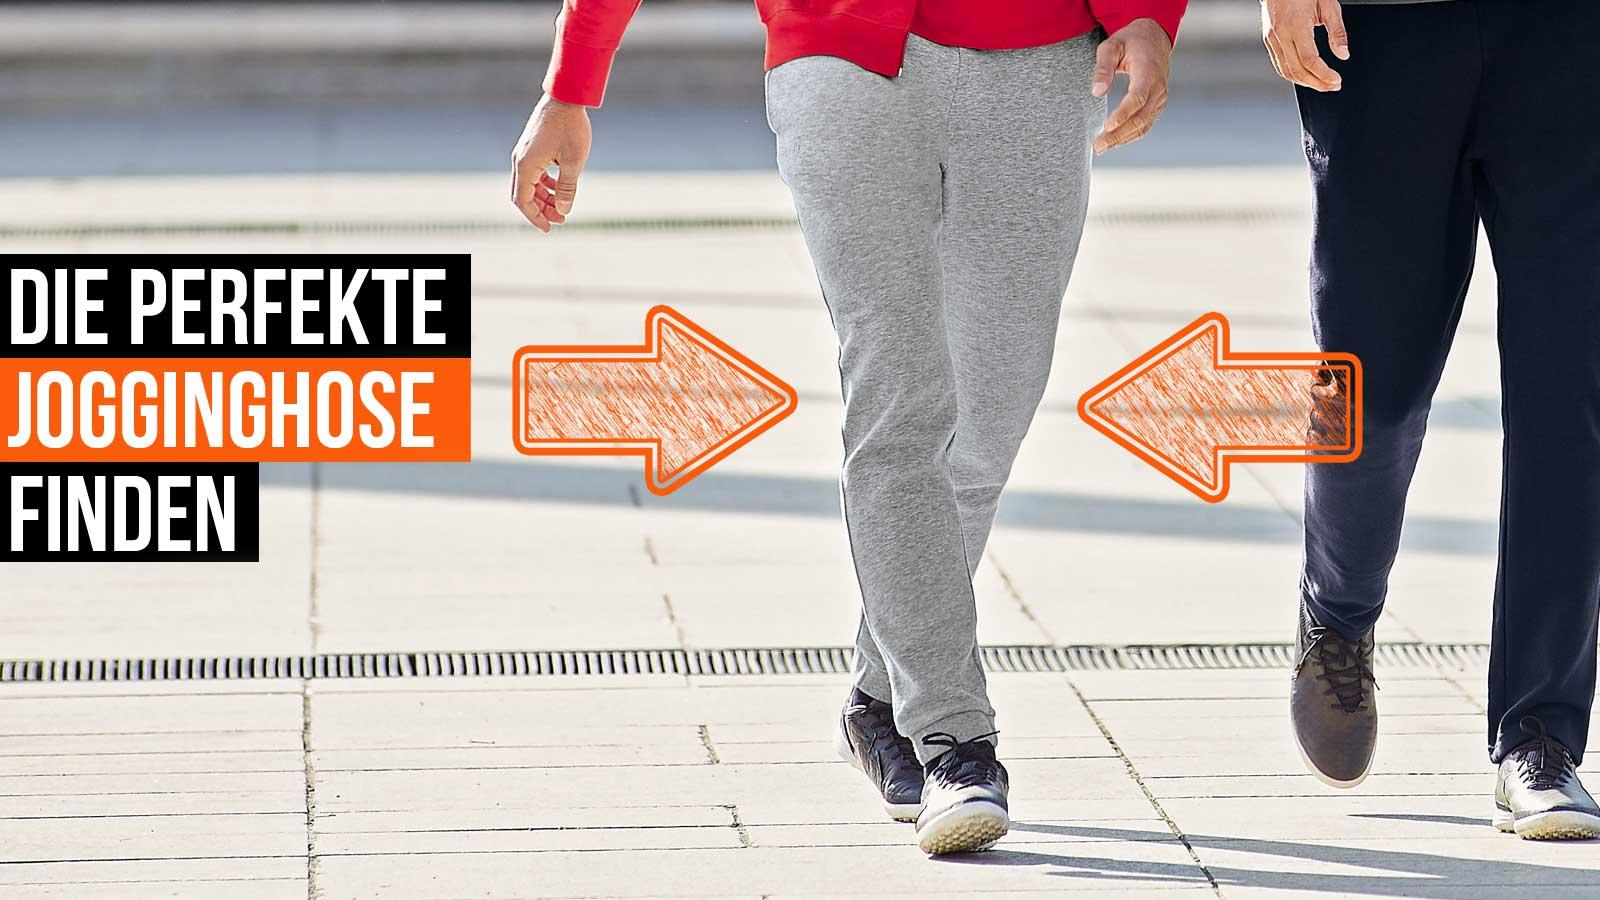 mit diesen 3 Tipps findest du die richtige Jogginghose